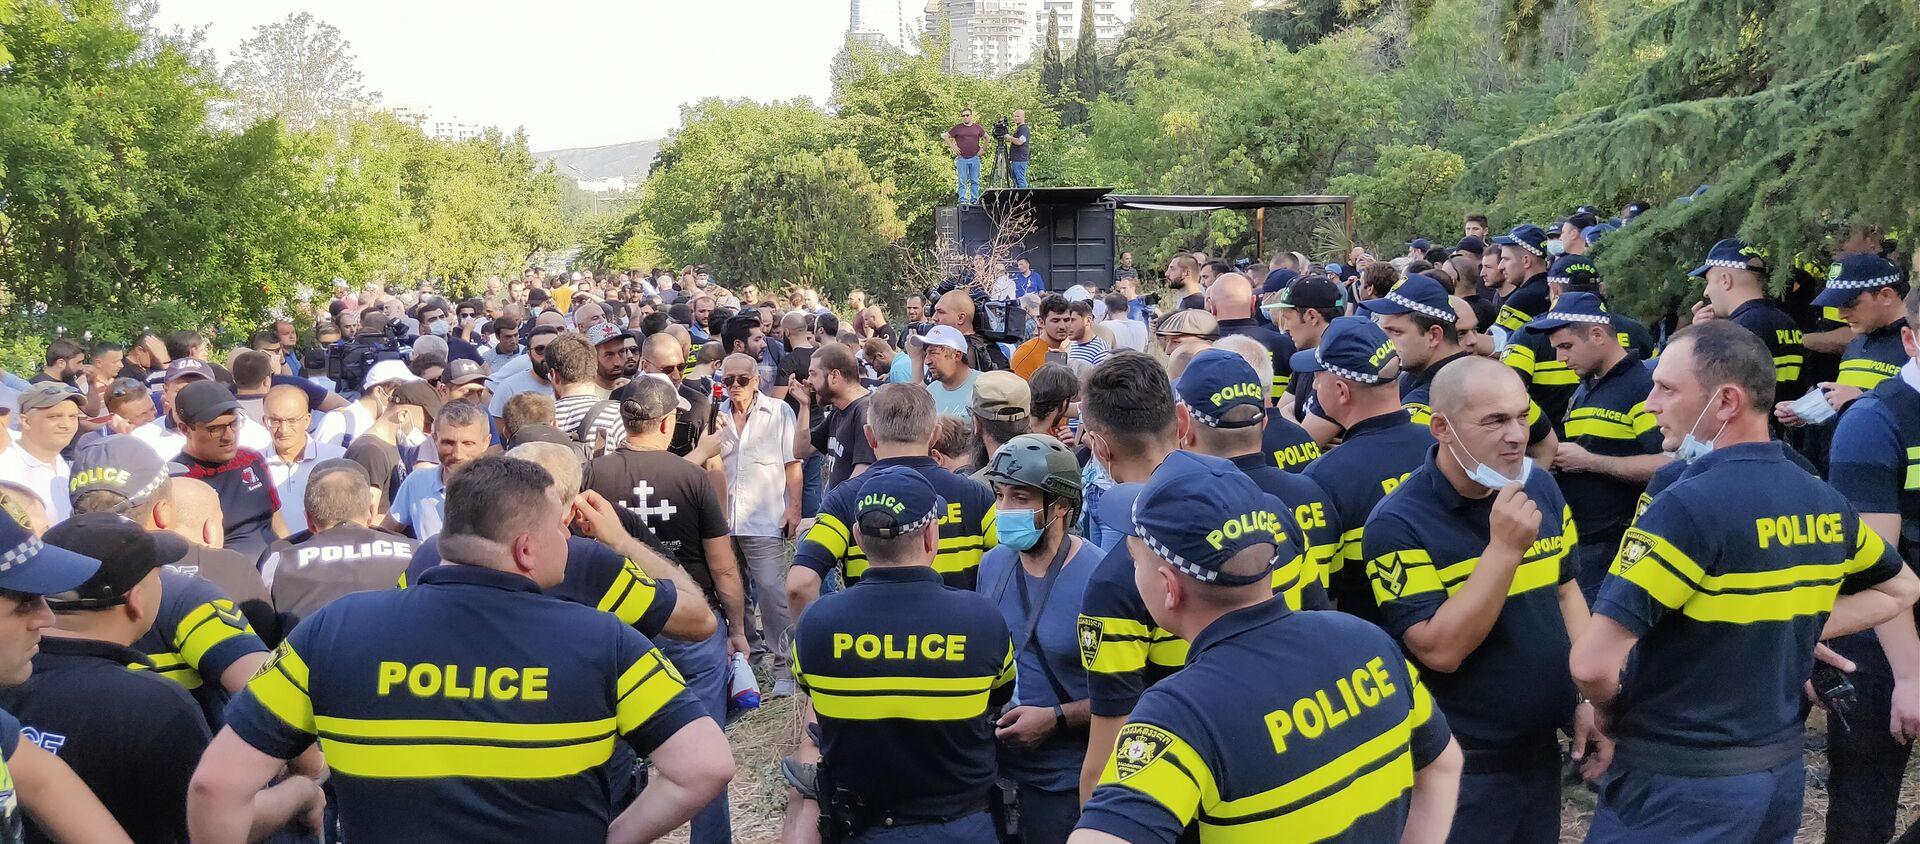 Акция протеста противников ЛГБТ в центре столицы Грузии 1июля 2021 года - Sputnik Грузия, 1920, 01.07.2021